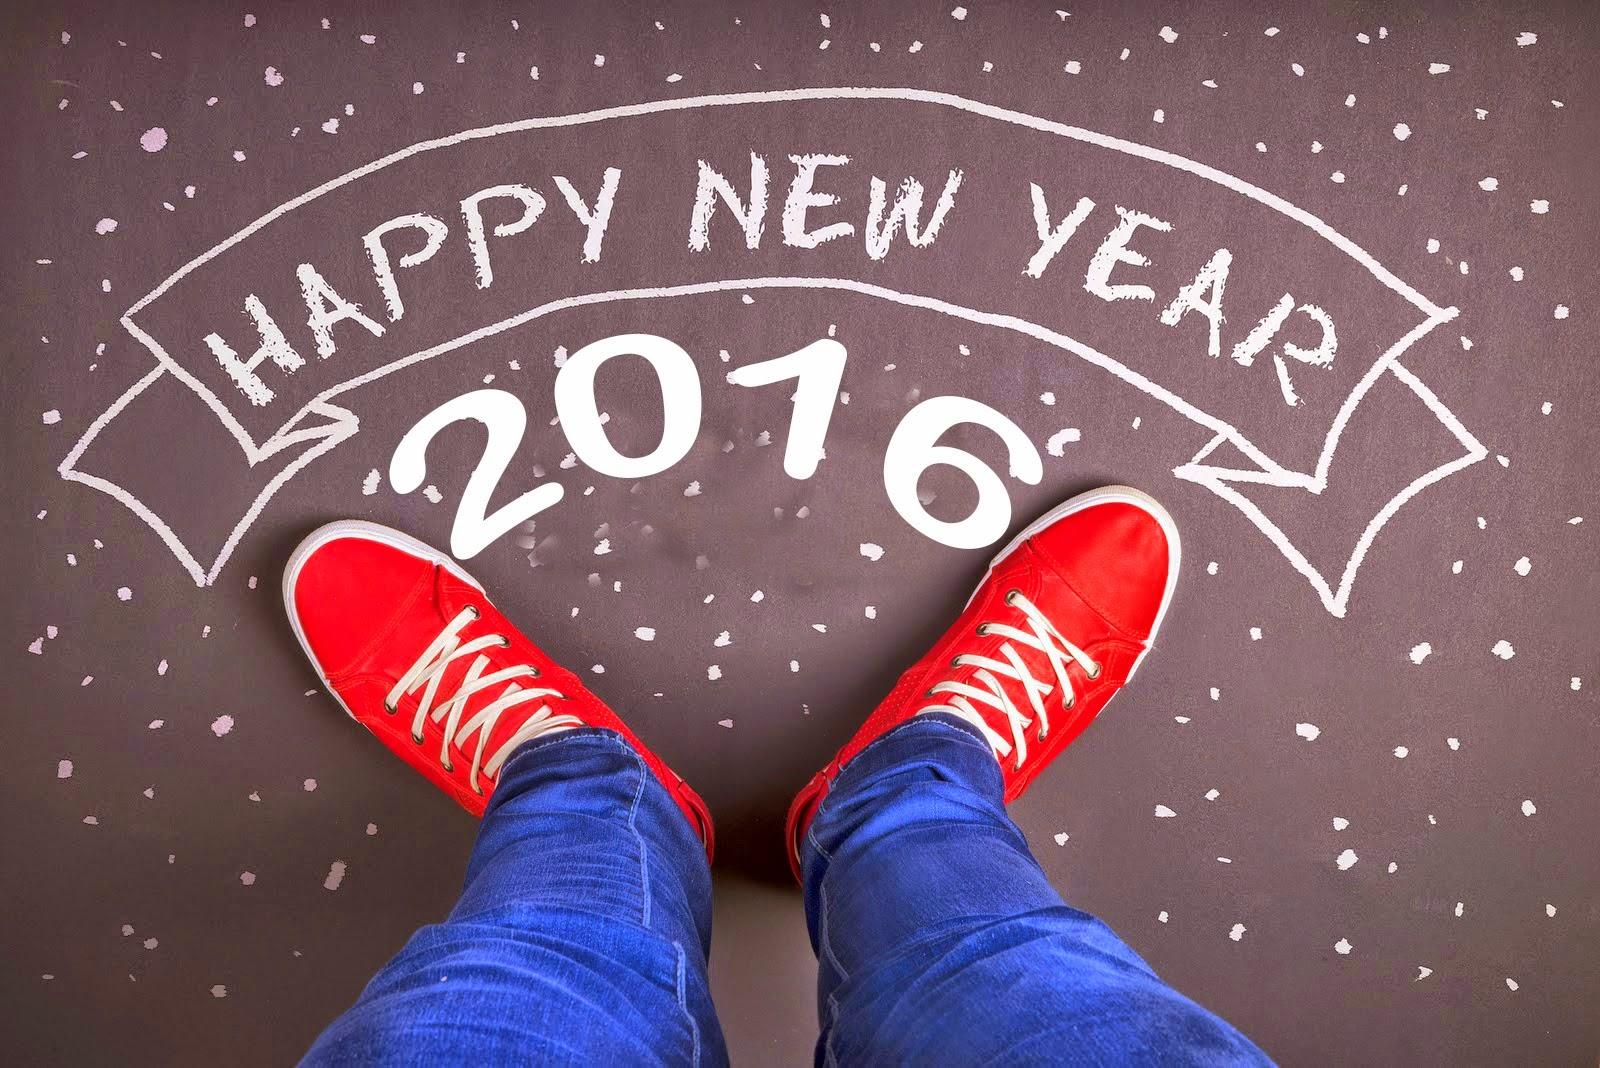 Hình nền chúc mừng năm mới 2016 đẹp